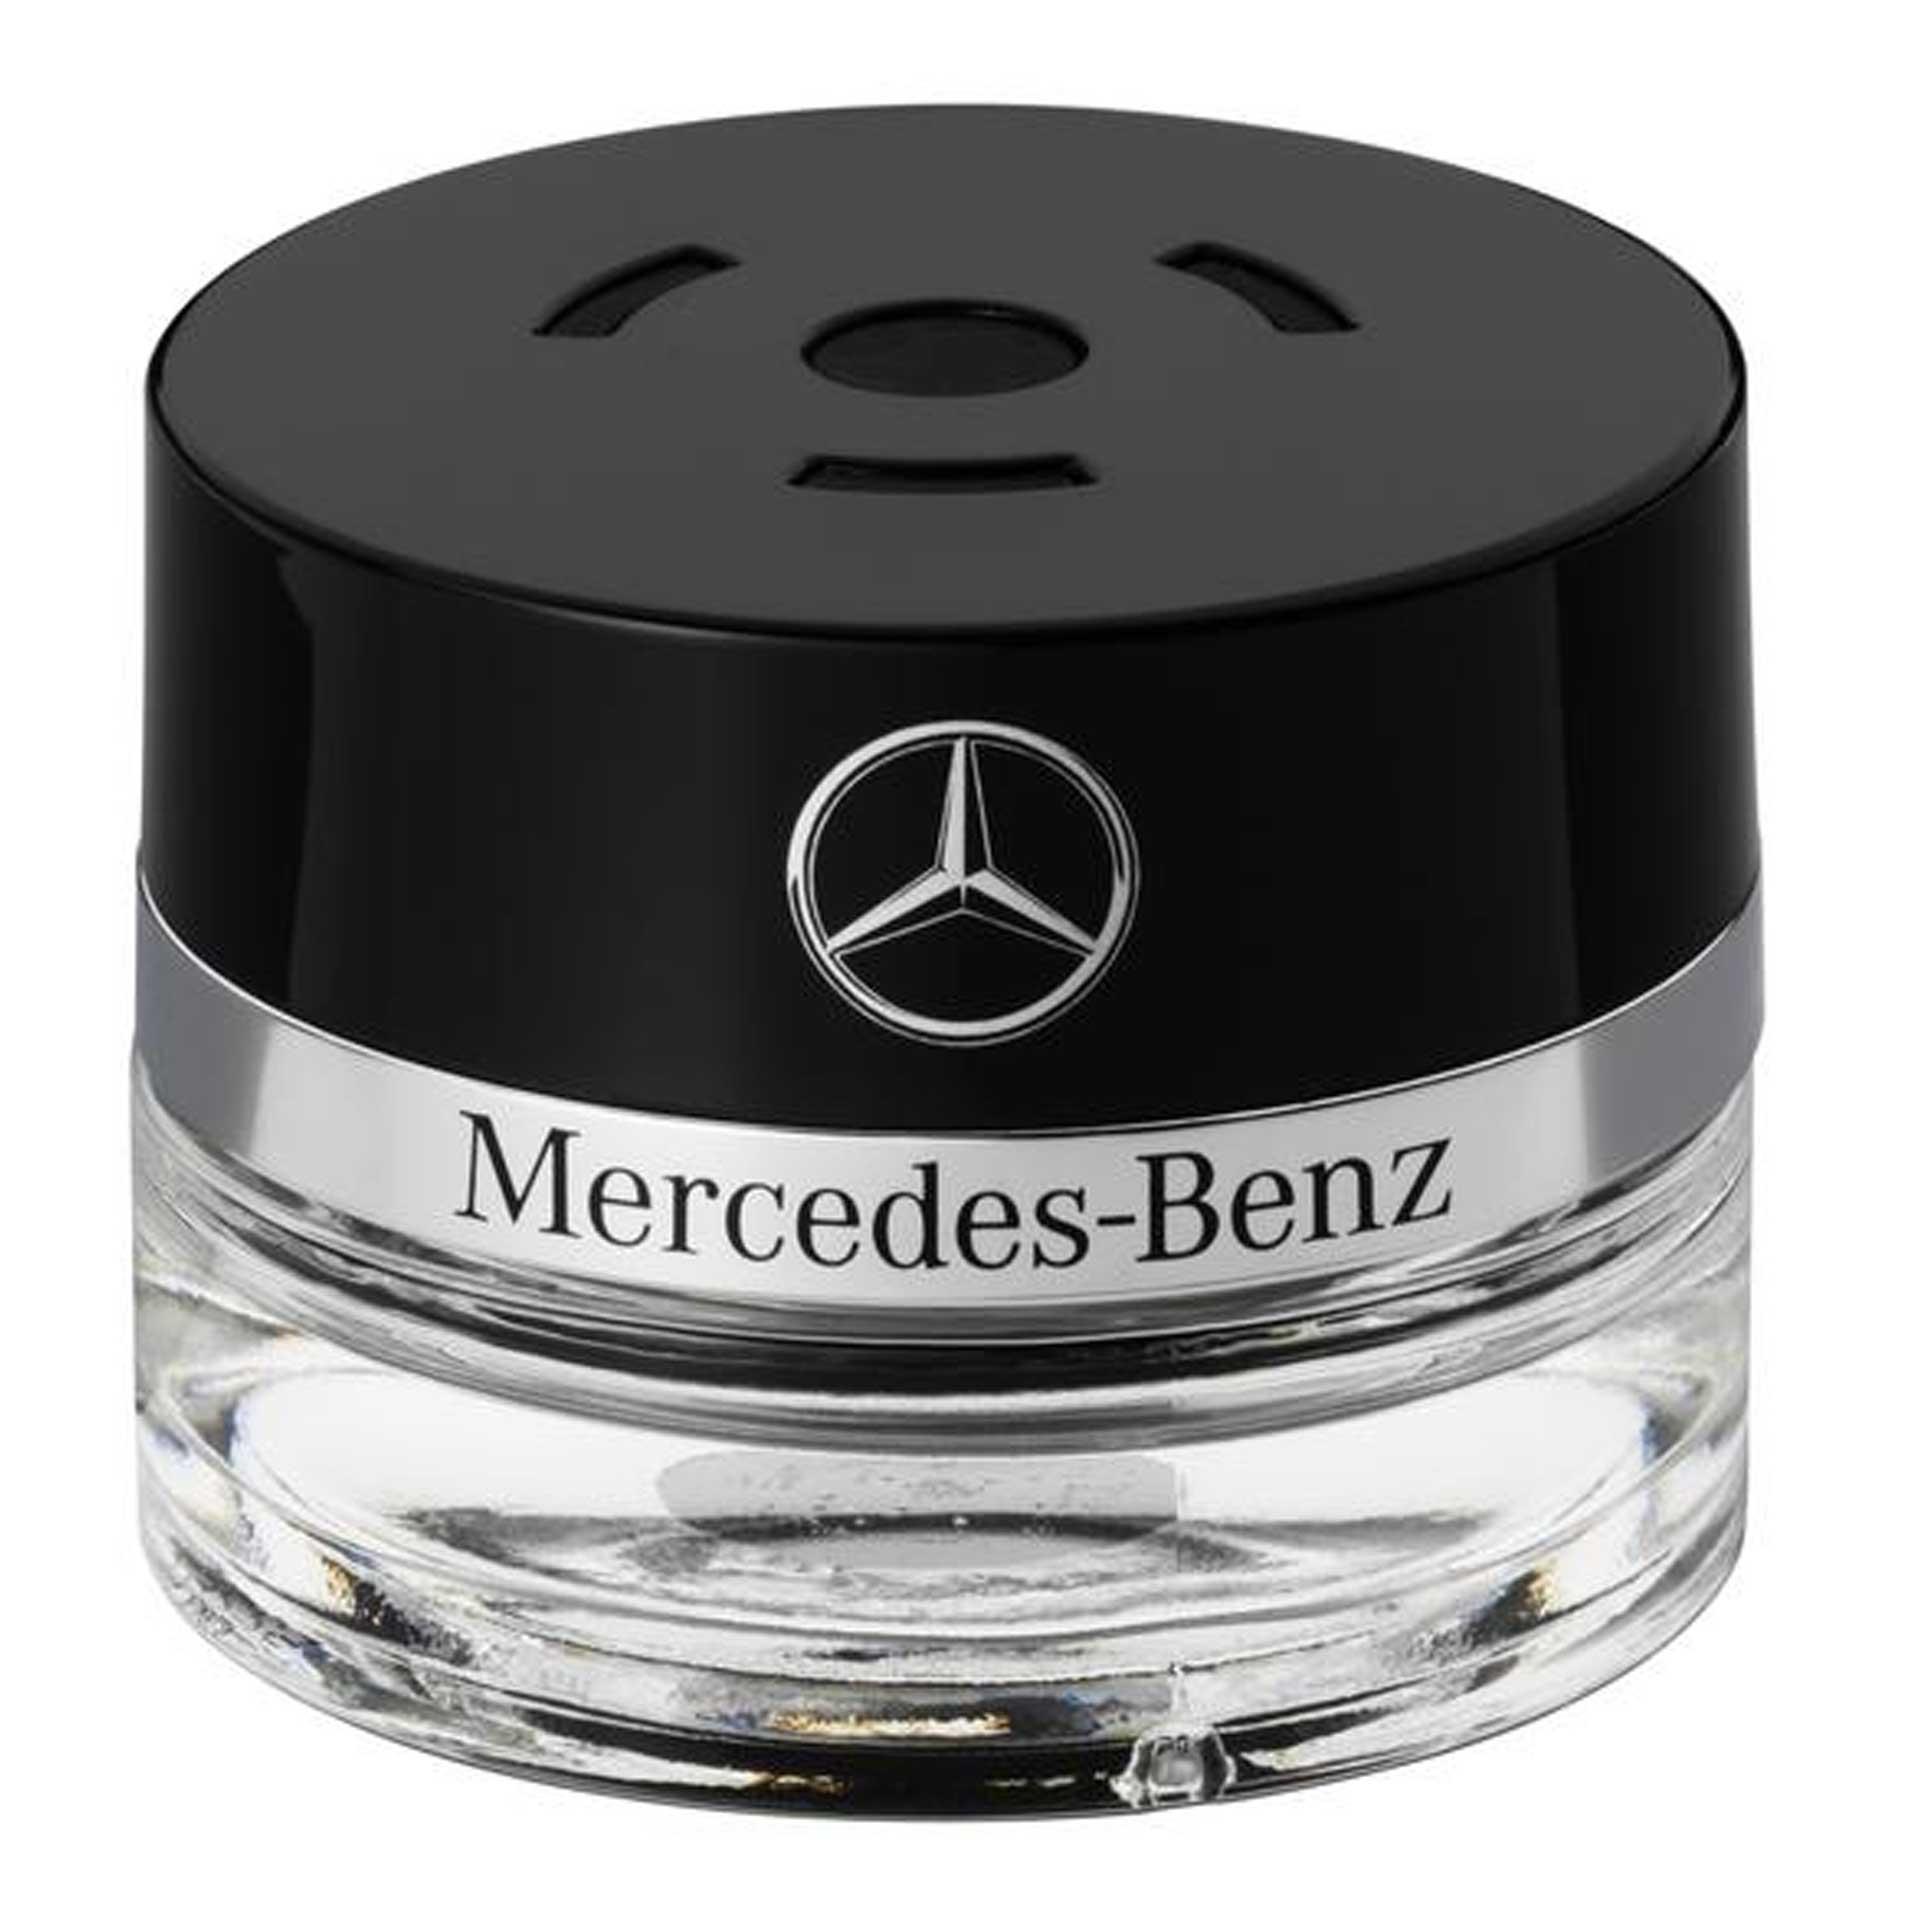 Mercedes-Benz Flakon 15 ml No. 6 MOOD Linien für AIR-BALANCE Paket